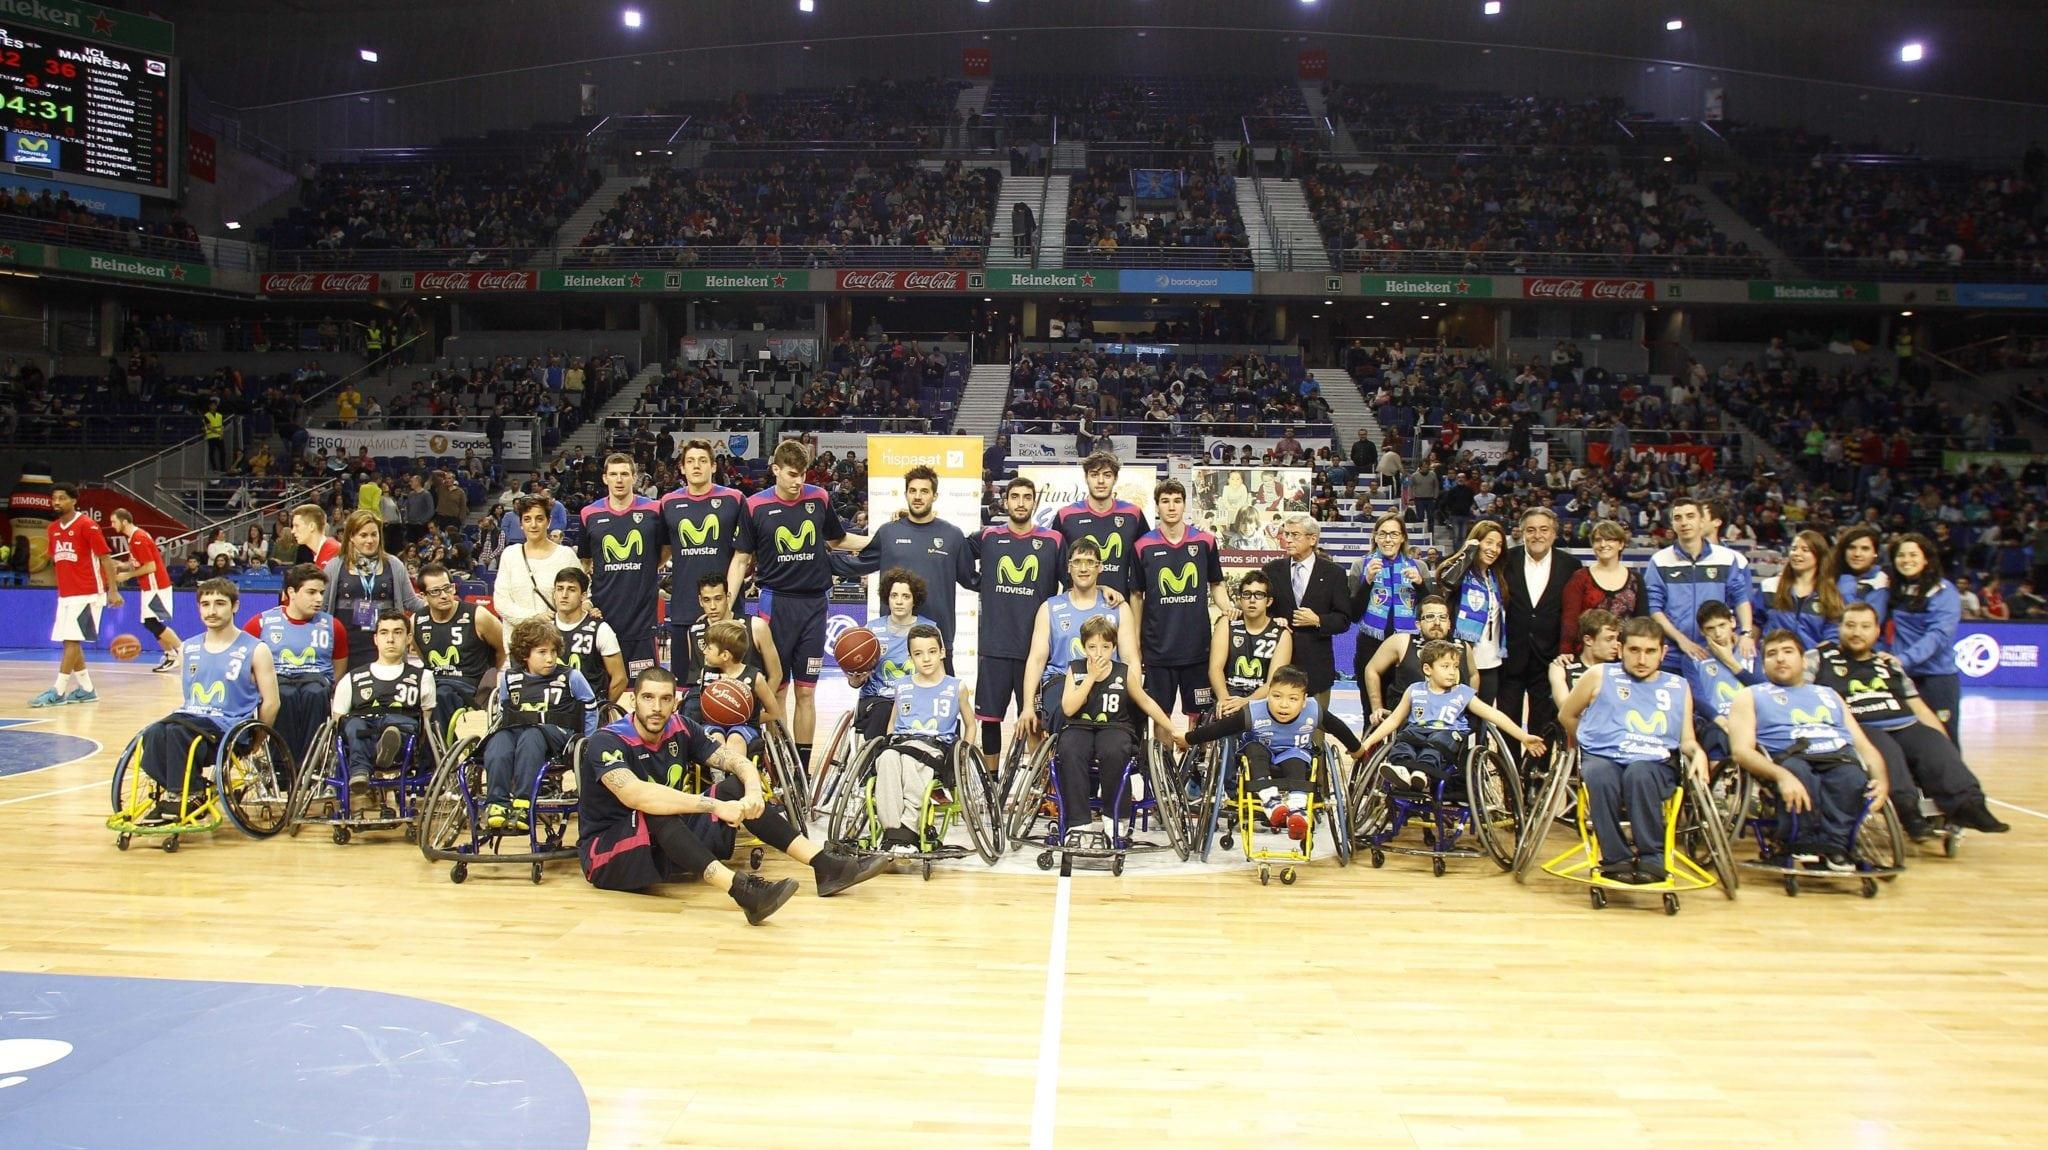 VÍDEO: La afición de Movistar Estudiantes ya conoce a su nuevo equipo de baloncesto en silla de ruedas